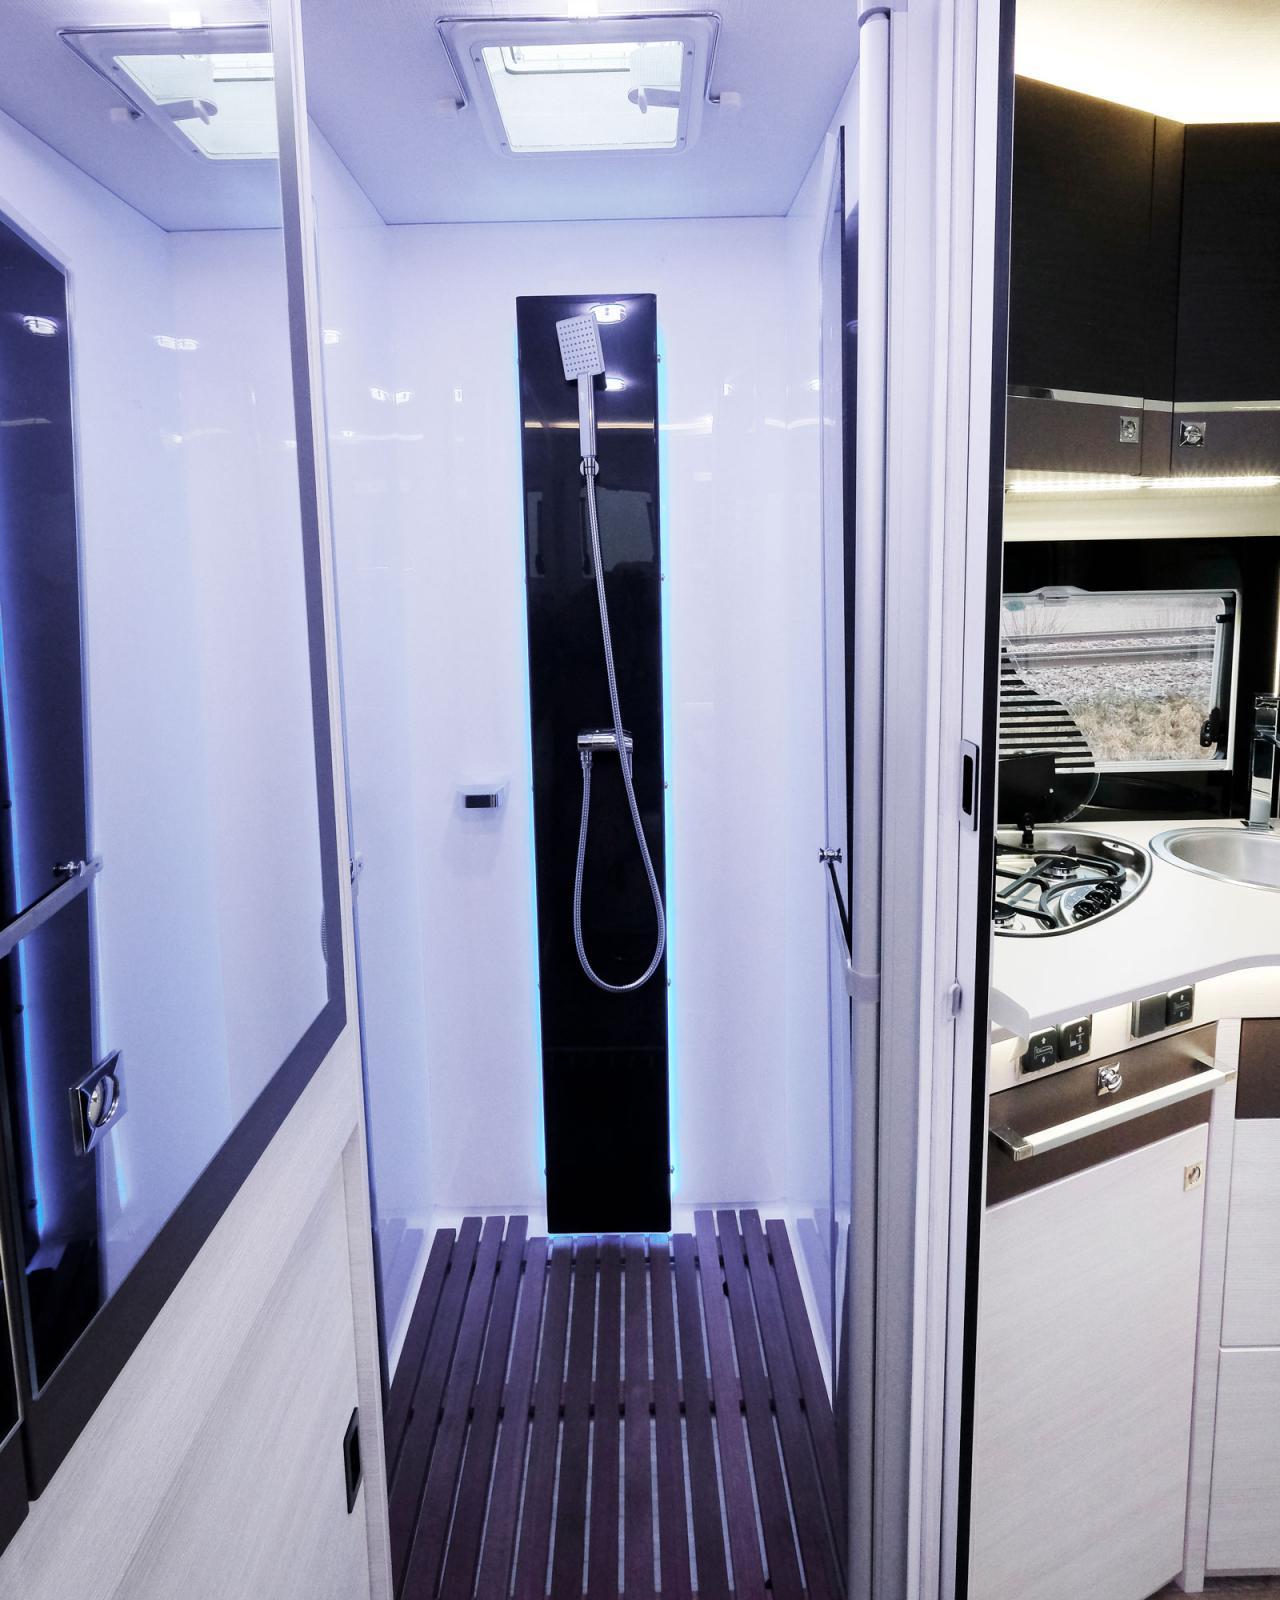 Stor duschkabin med gott om svängrum finns det i bilen. Något som saknas är en stång där kläder kan hänga och droppa av sig.